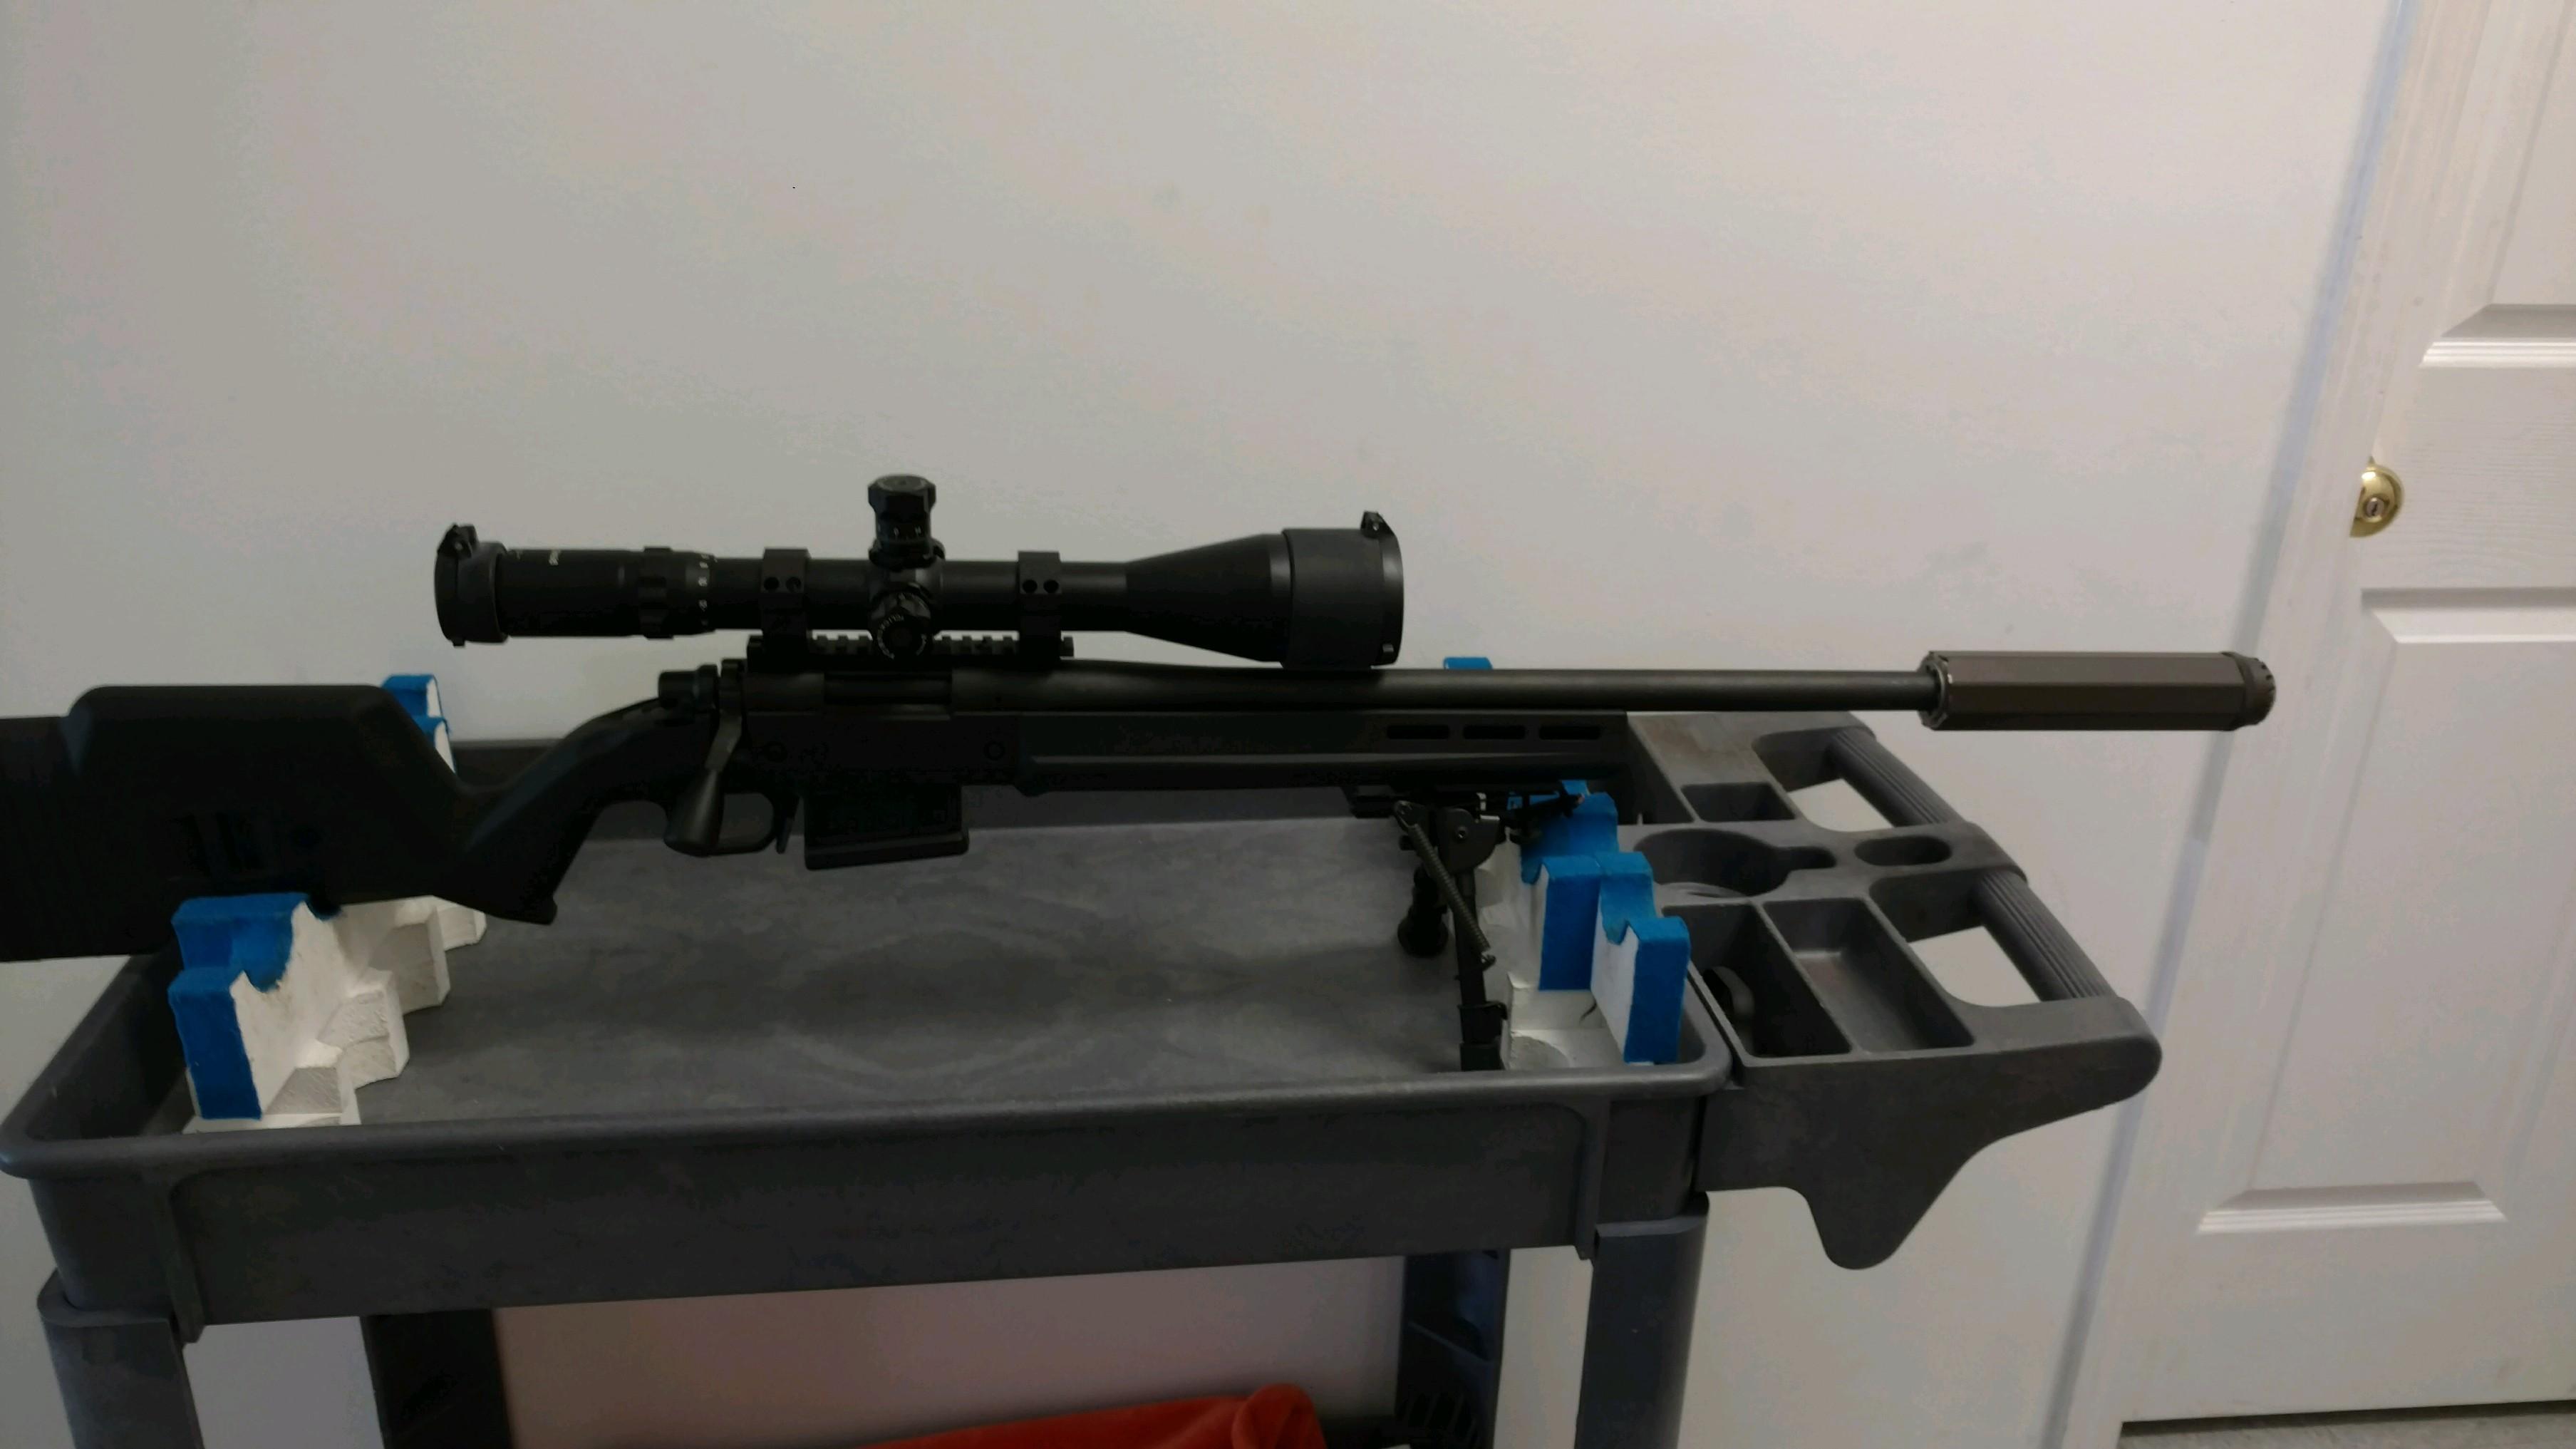 Longer-ranged rifle for defense?-img_20180818_131153407.jpg